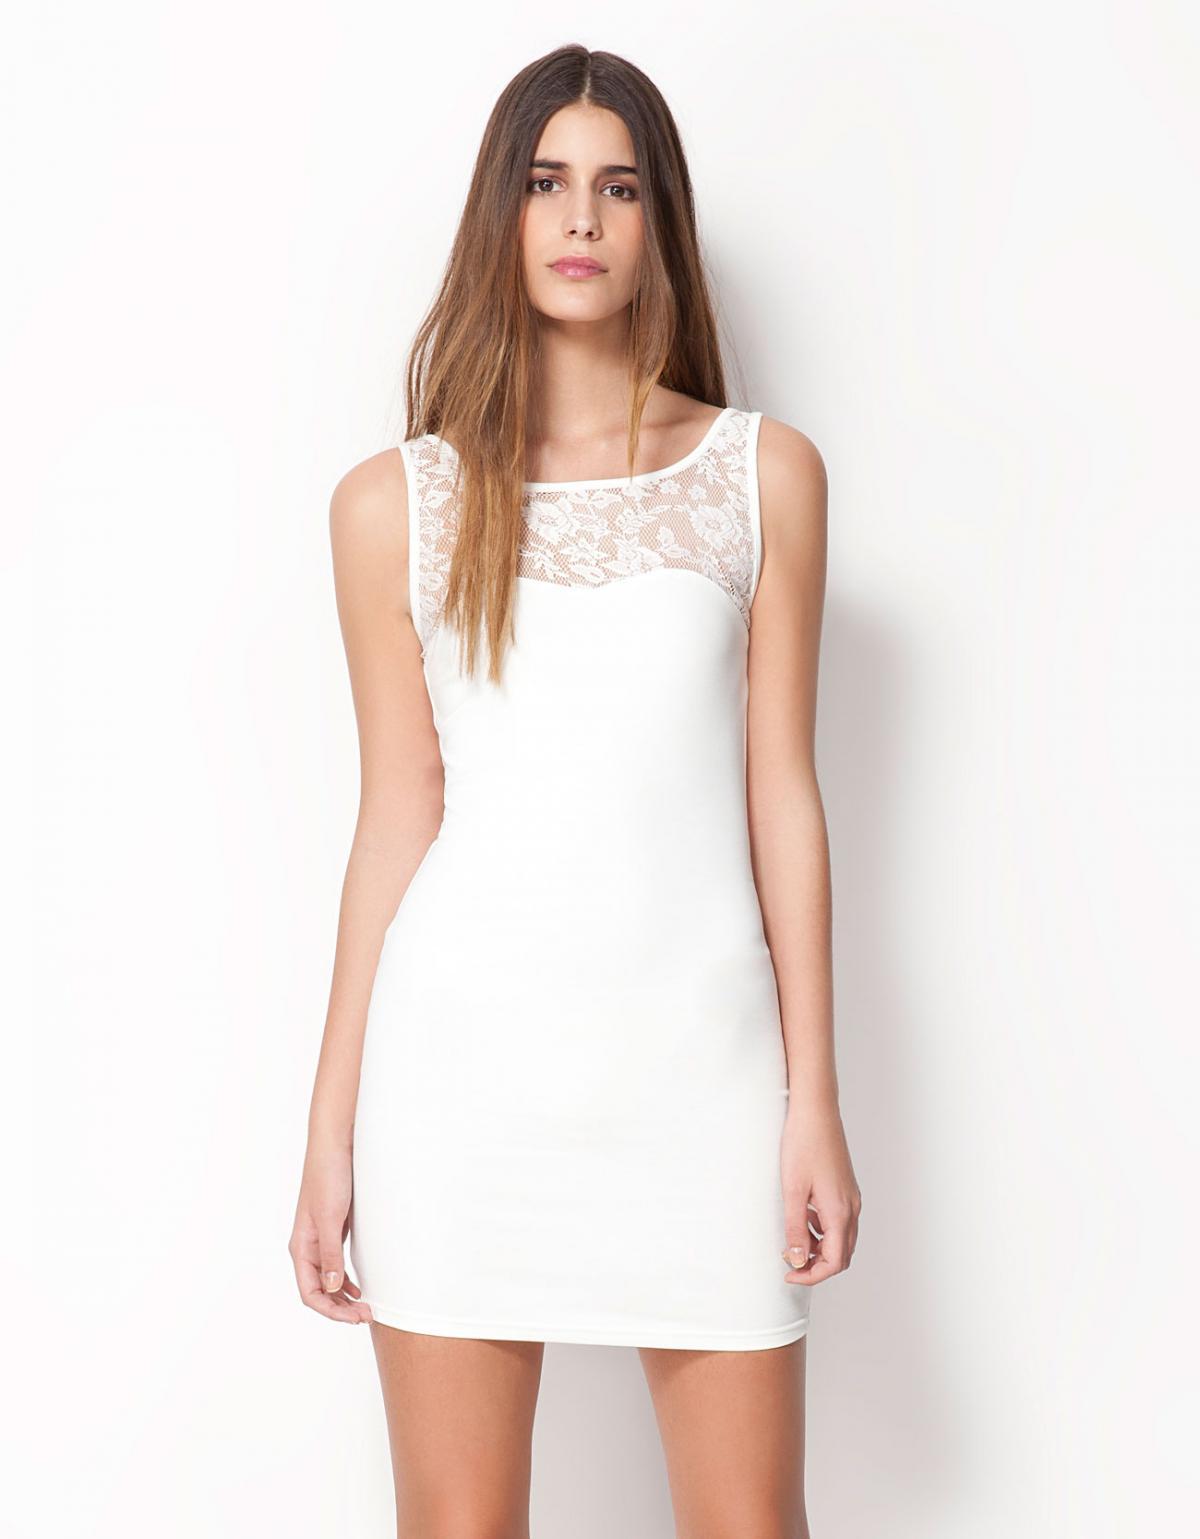 sukienka Bershka z koronką w kolorze białym - trendy na wiosnę i lato